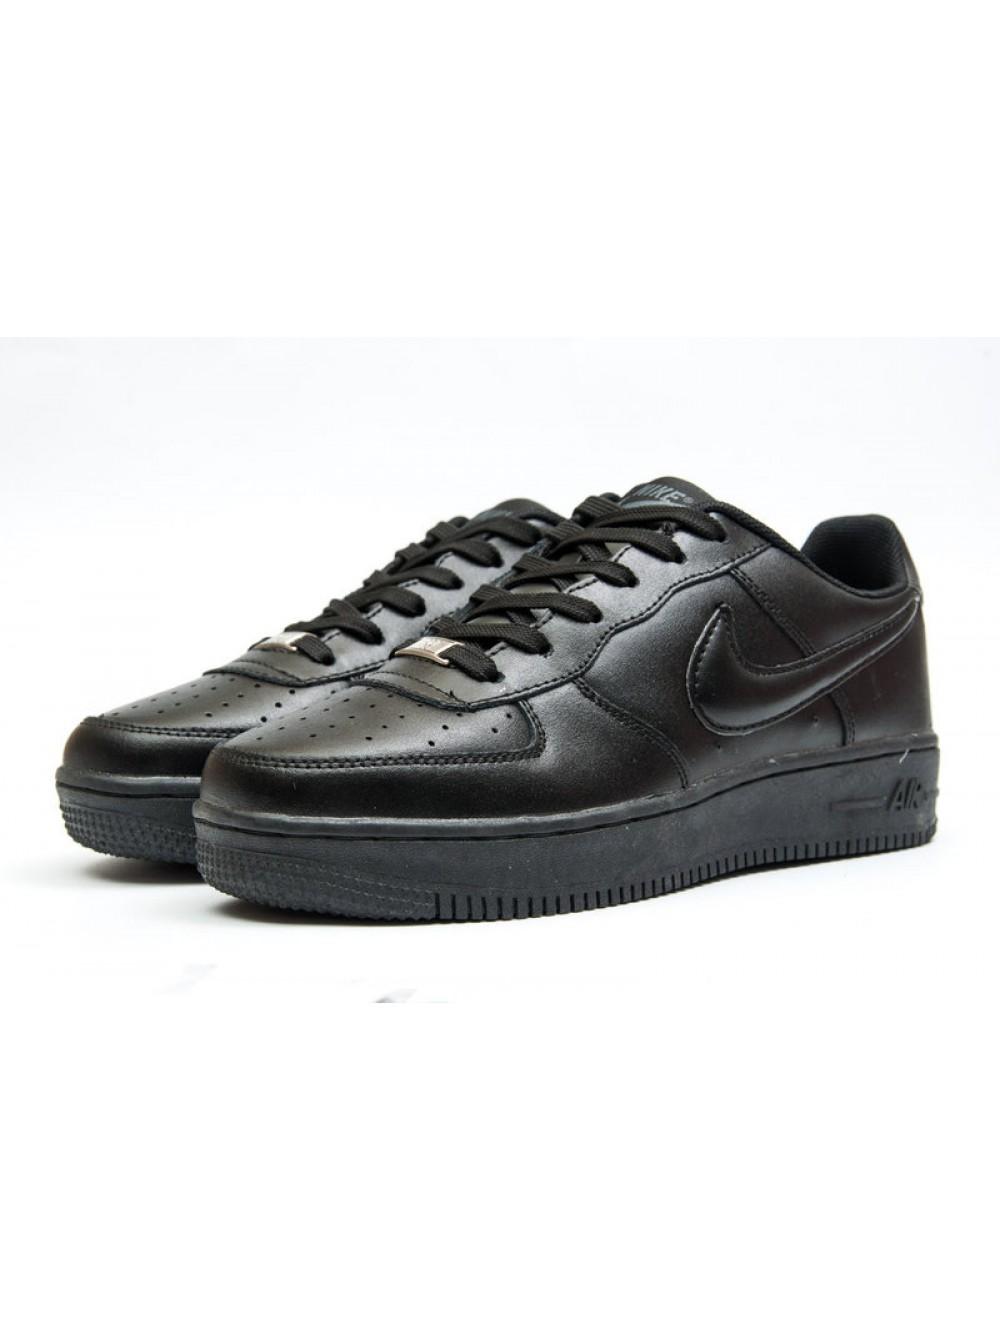 234bd504 Кроссовки кожаные мужские Nike Air Force, Чёрные, 12042, 41-46р. Купить